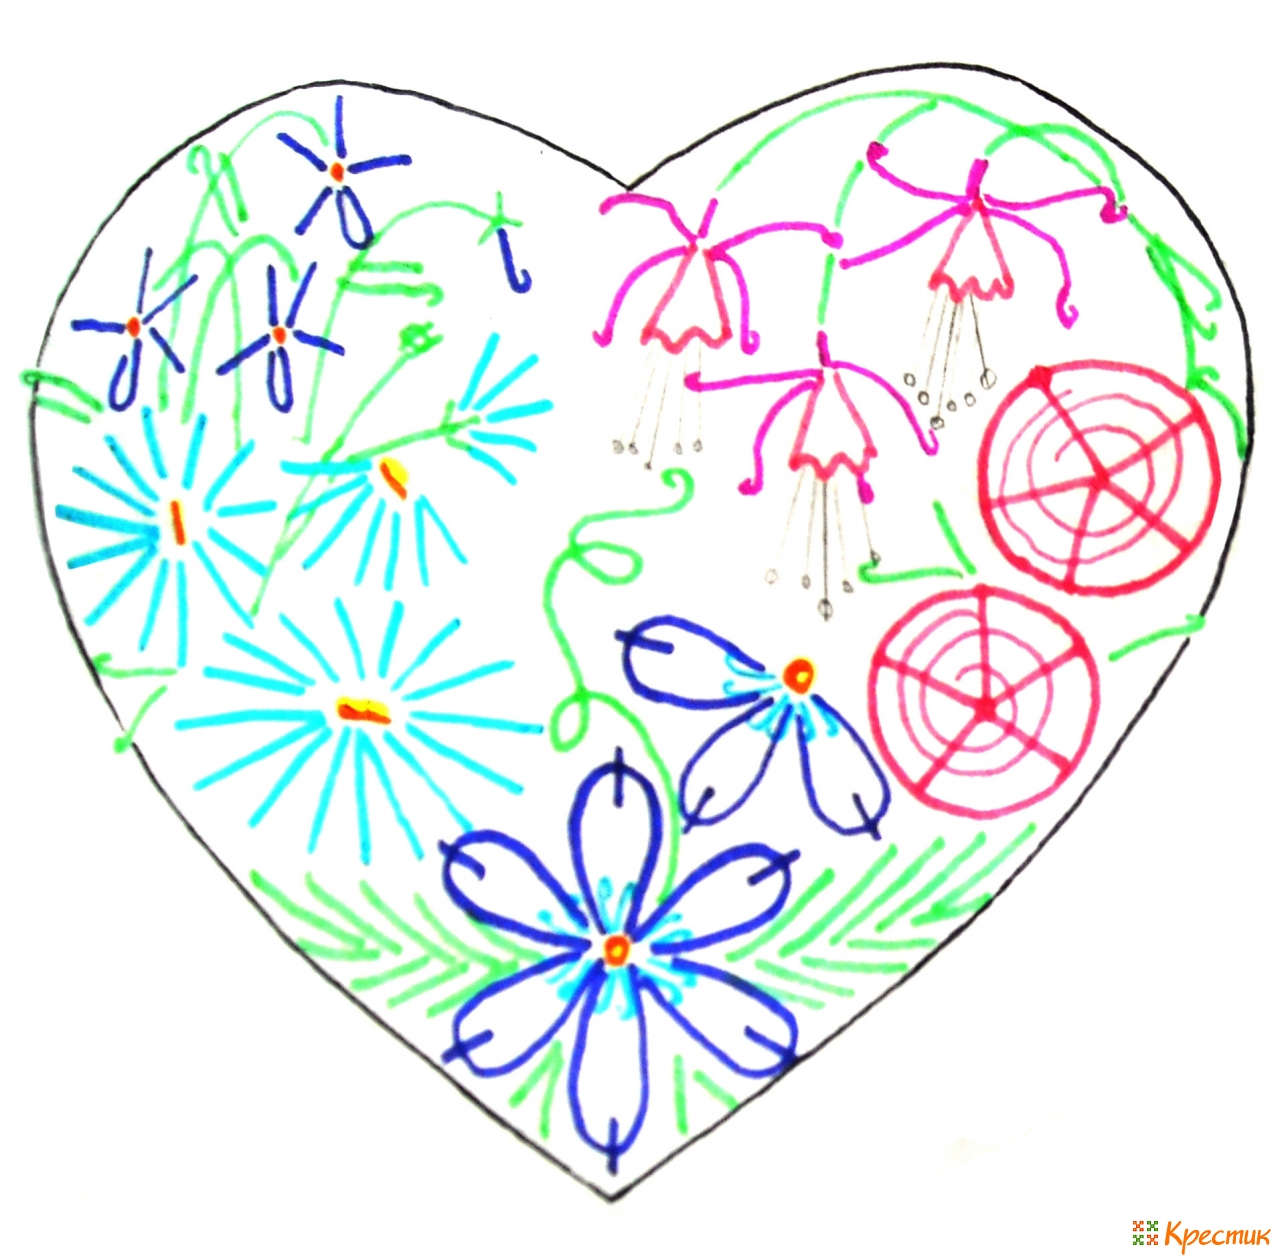 Вышивка лентами сердечко из цветов 65